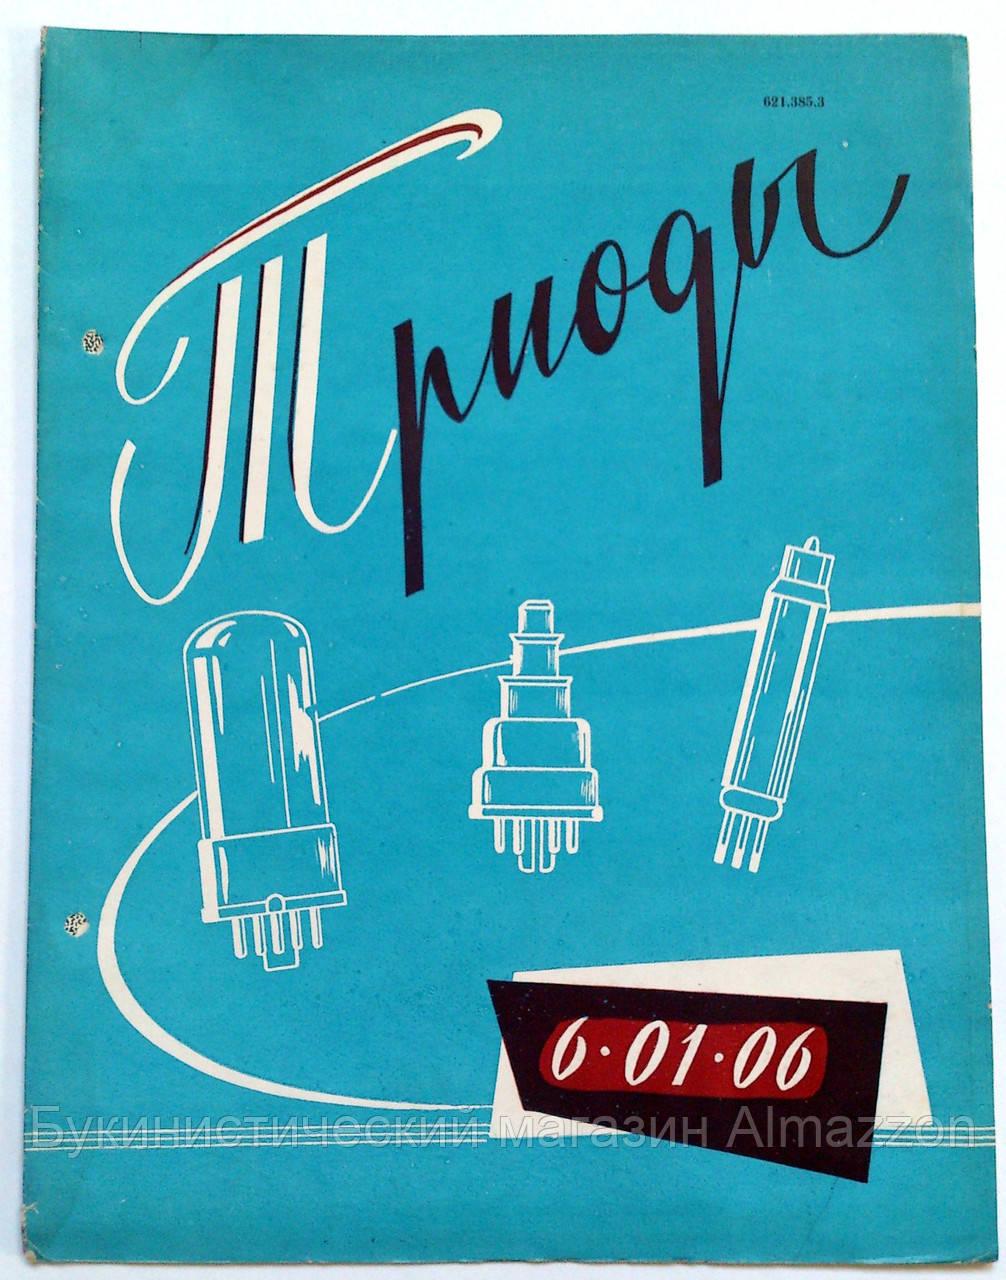 """Журнал (Бюллетень) """"Триоды 6.01.06"""" 1962 год"""